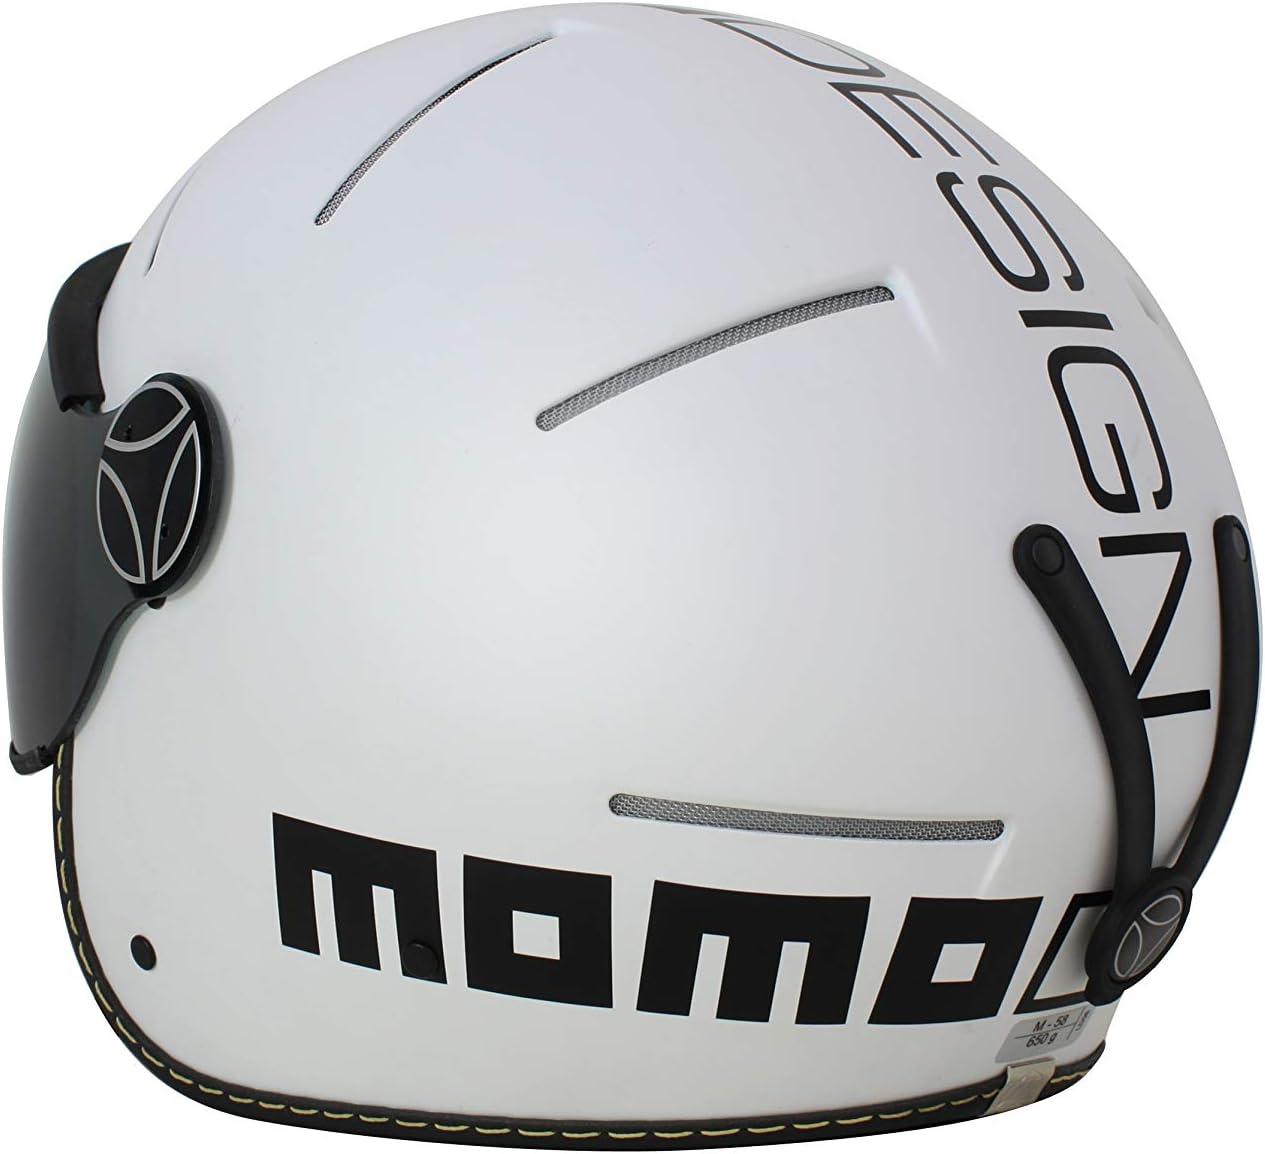 M Casco Sci Unisex 58 cm MOMO Design Venom18 Bianco Opaco Adulto